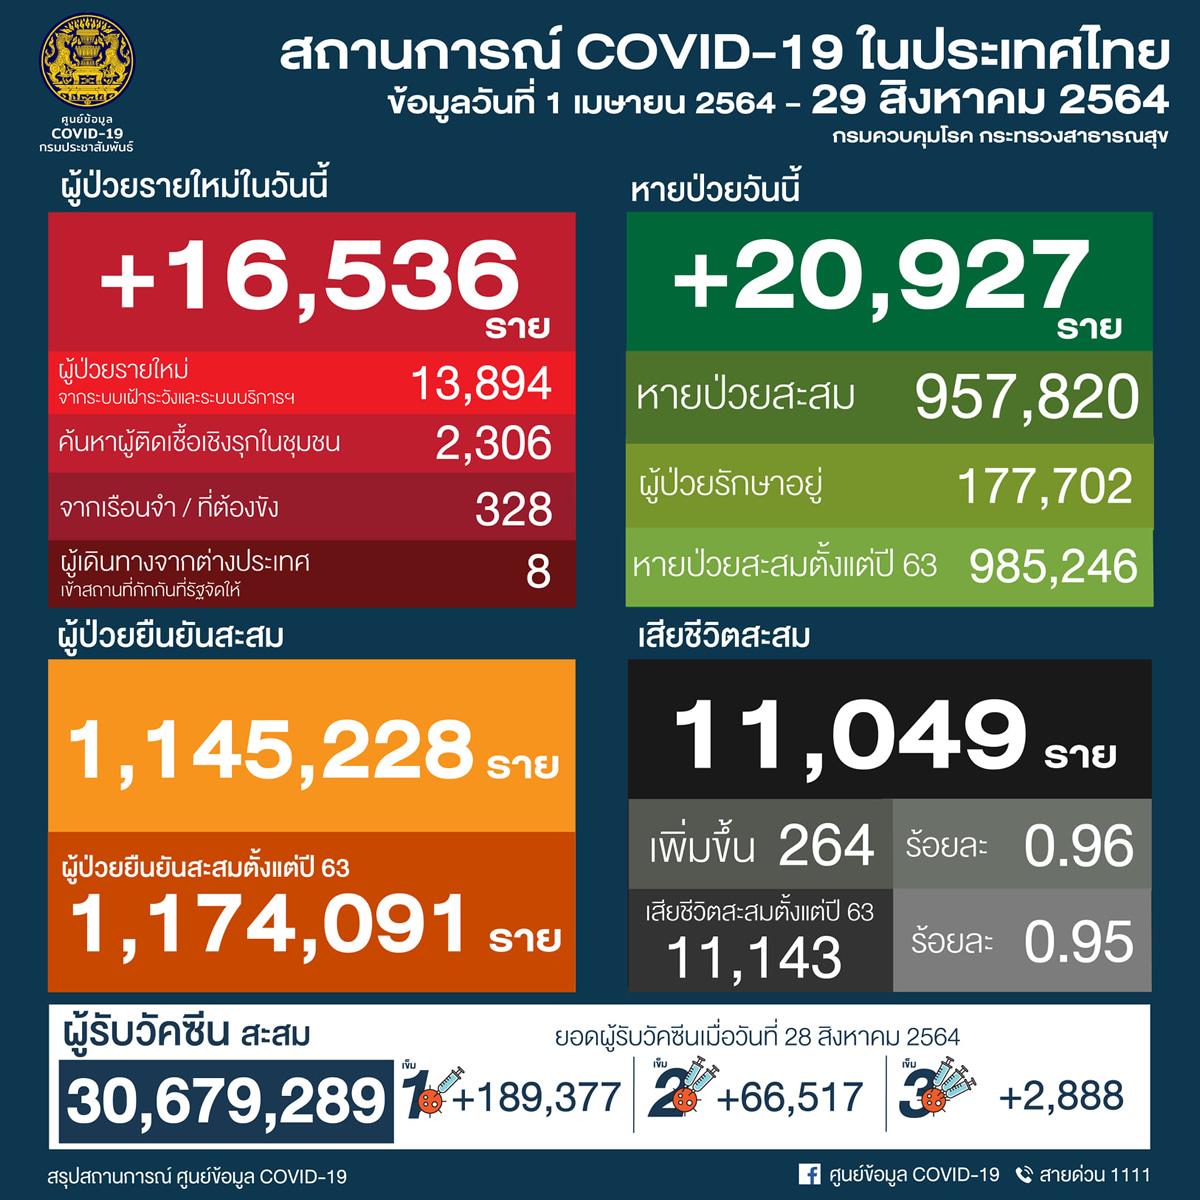 タイ 16,536人陽性 264人死亡/バンコク 3,821人陽性 111人死亡/プーケット 210人陽性[2021年8月29日発表]